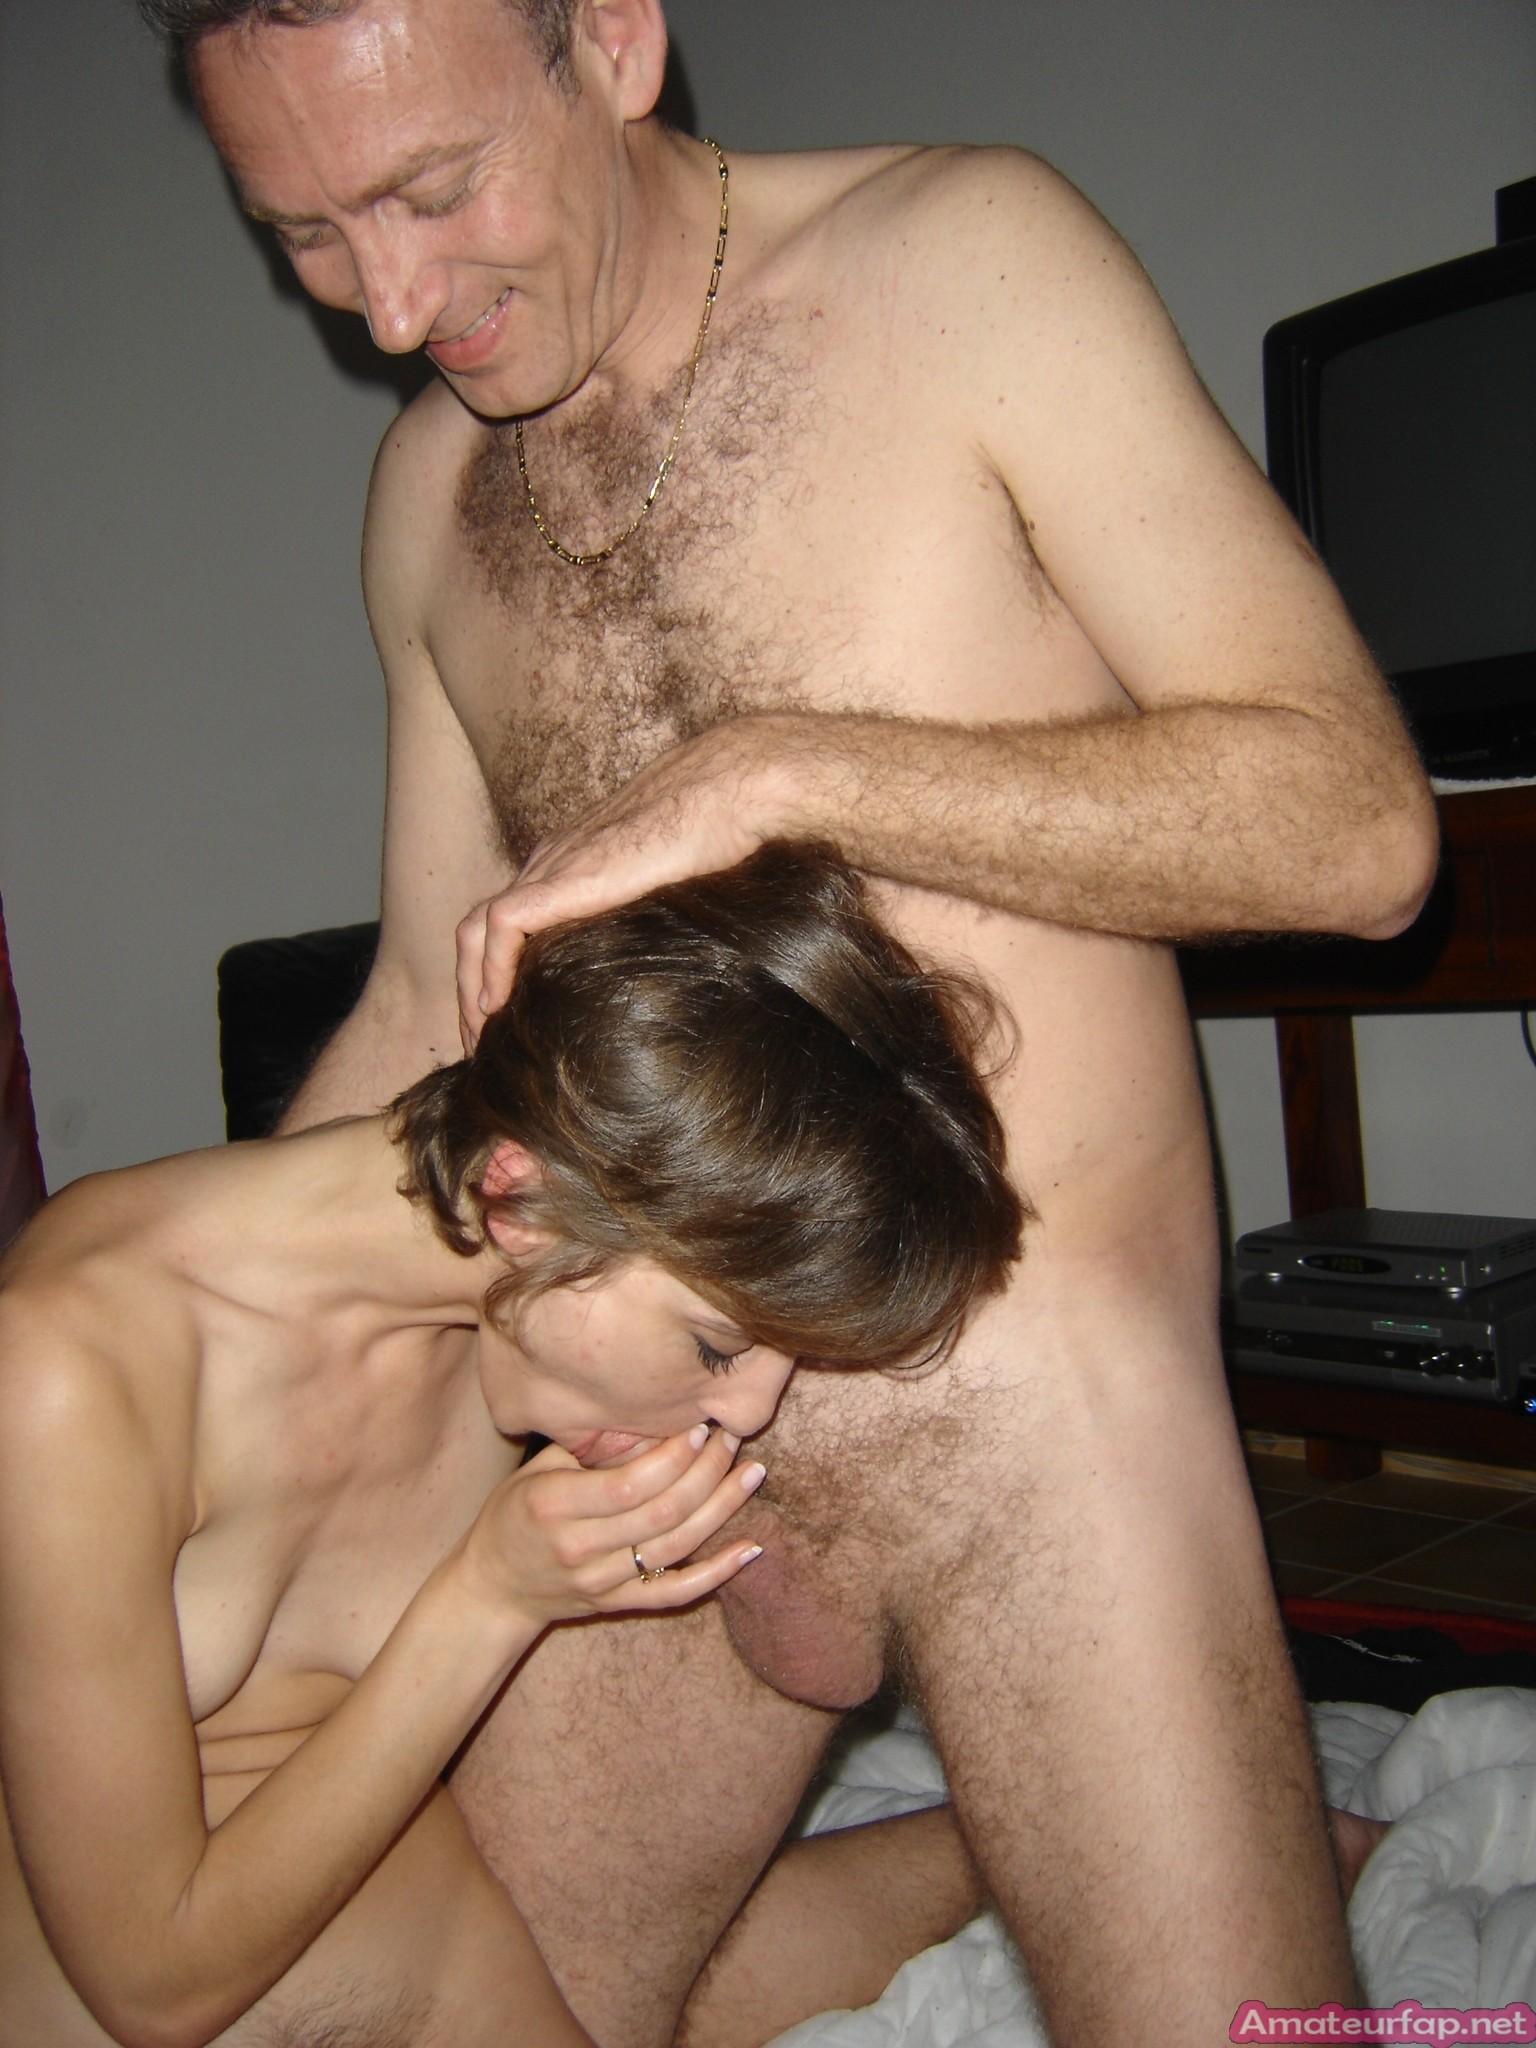 Снять шлюху в питере на секс за 500 рублей 6 фотография